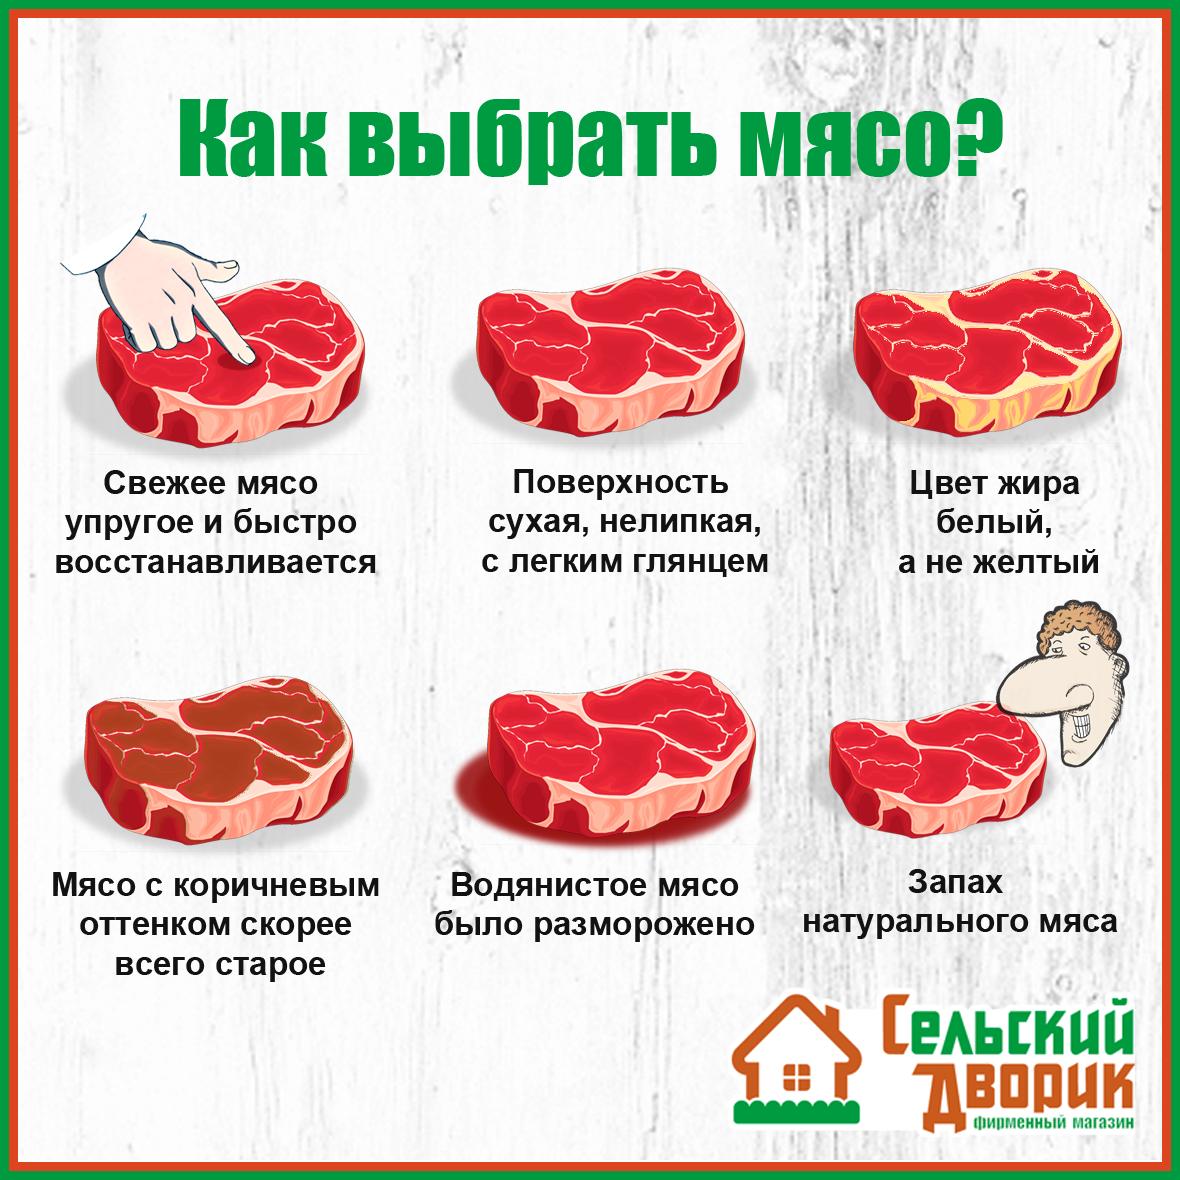 Олимп и Ялуторовский мясокомбинат - тут свежее мясо свинины и говядины. Читай как выбрать мясо